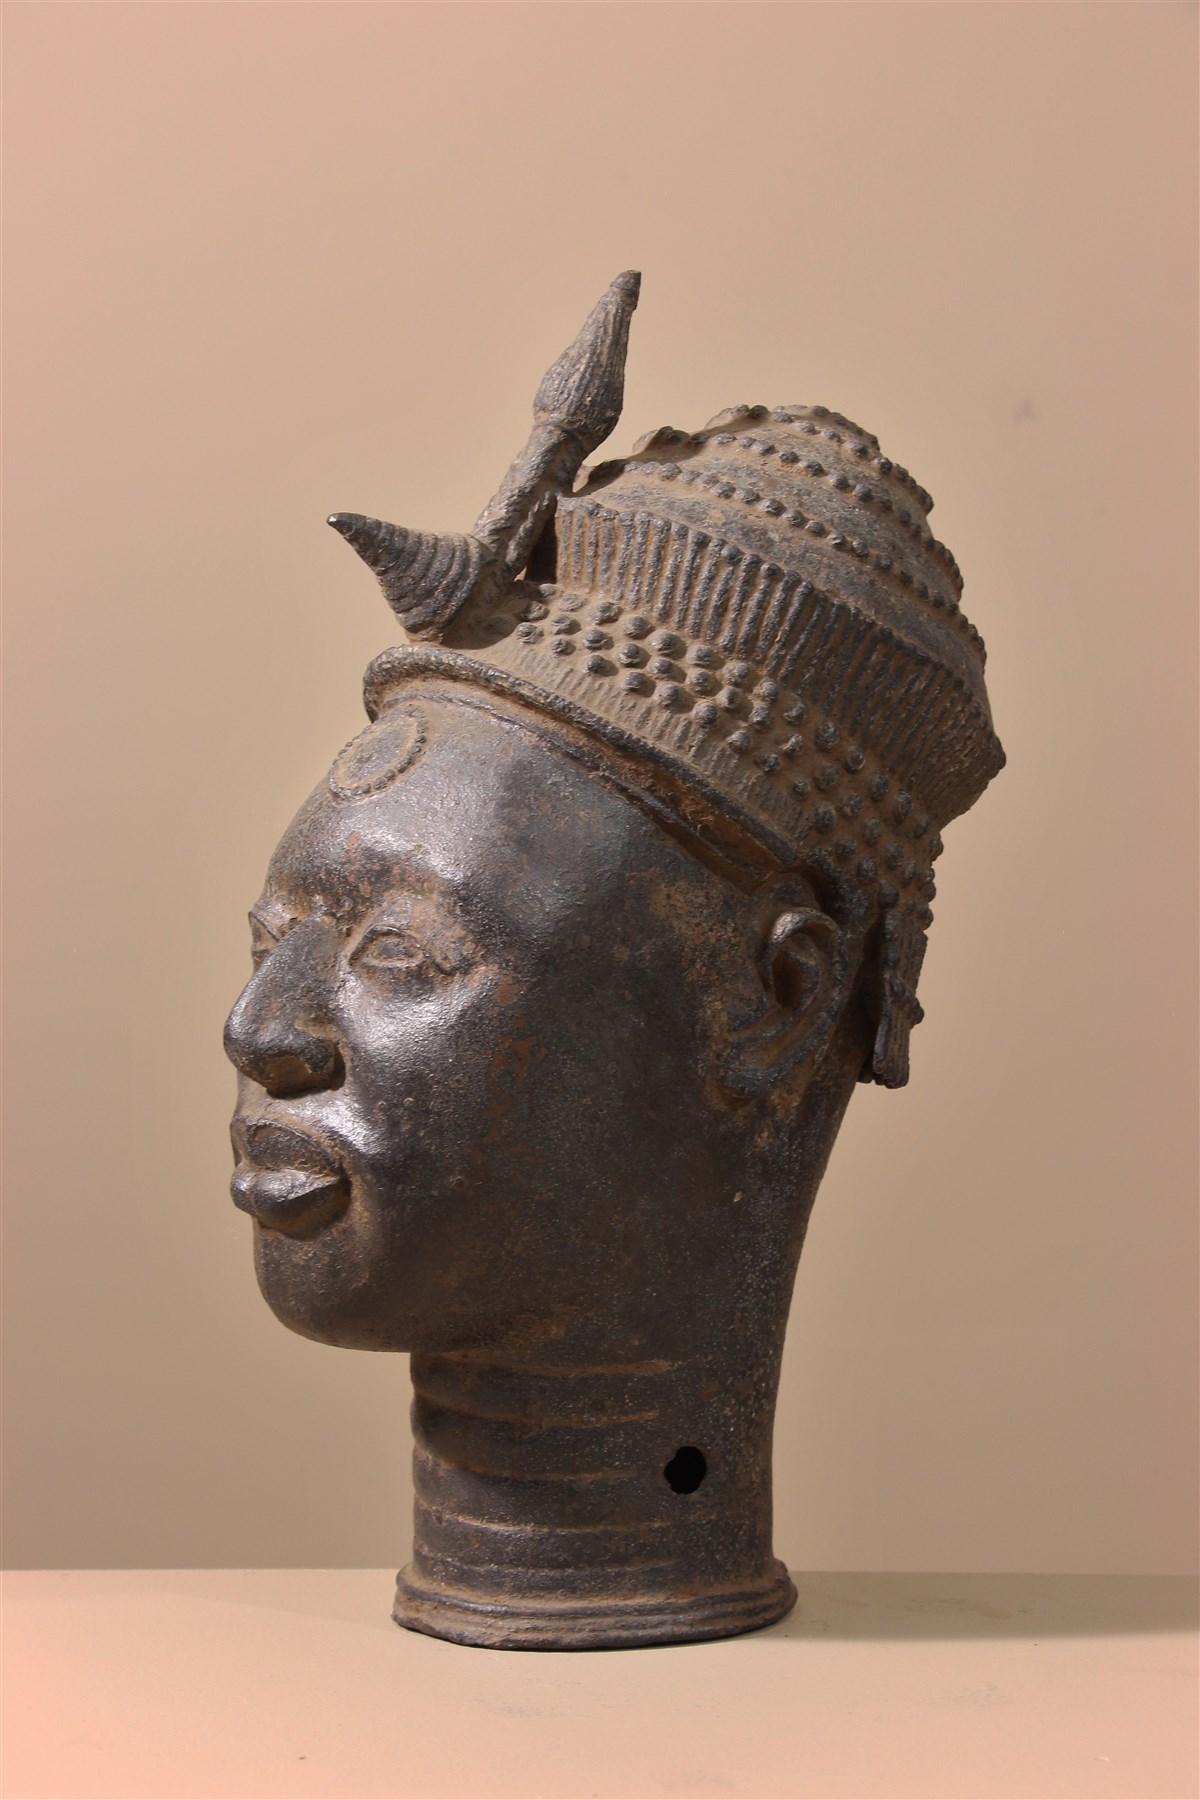 Tête bénin en bronze - Déco africaine - Art africain traditionnel